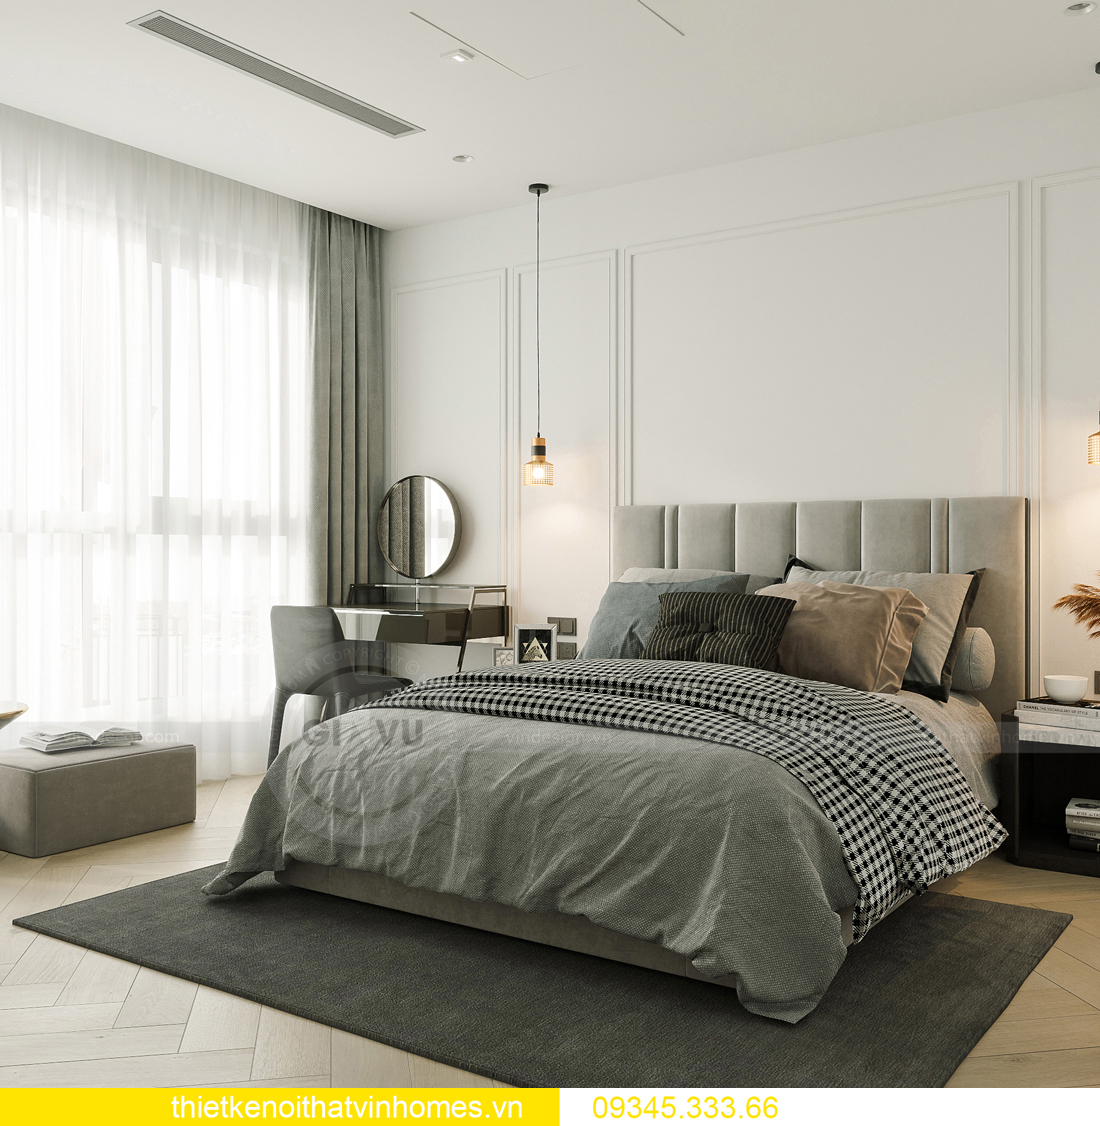 mẫu thiết kế nội thất chung cư Smart City tòa S201 căn 17 8